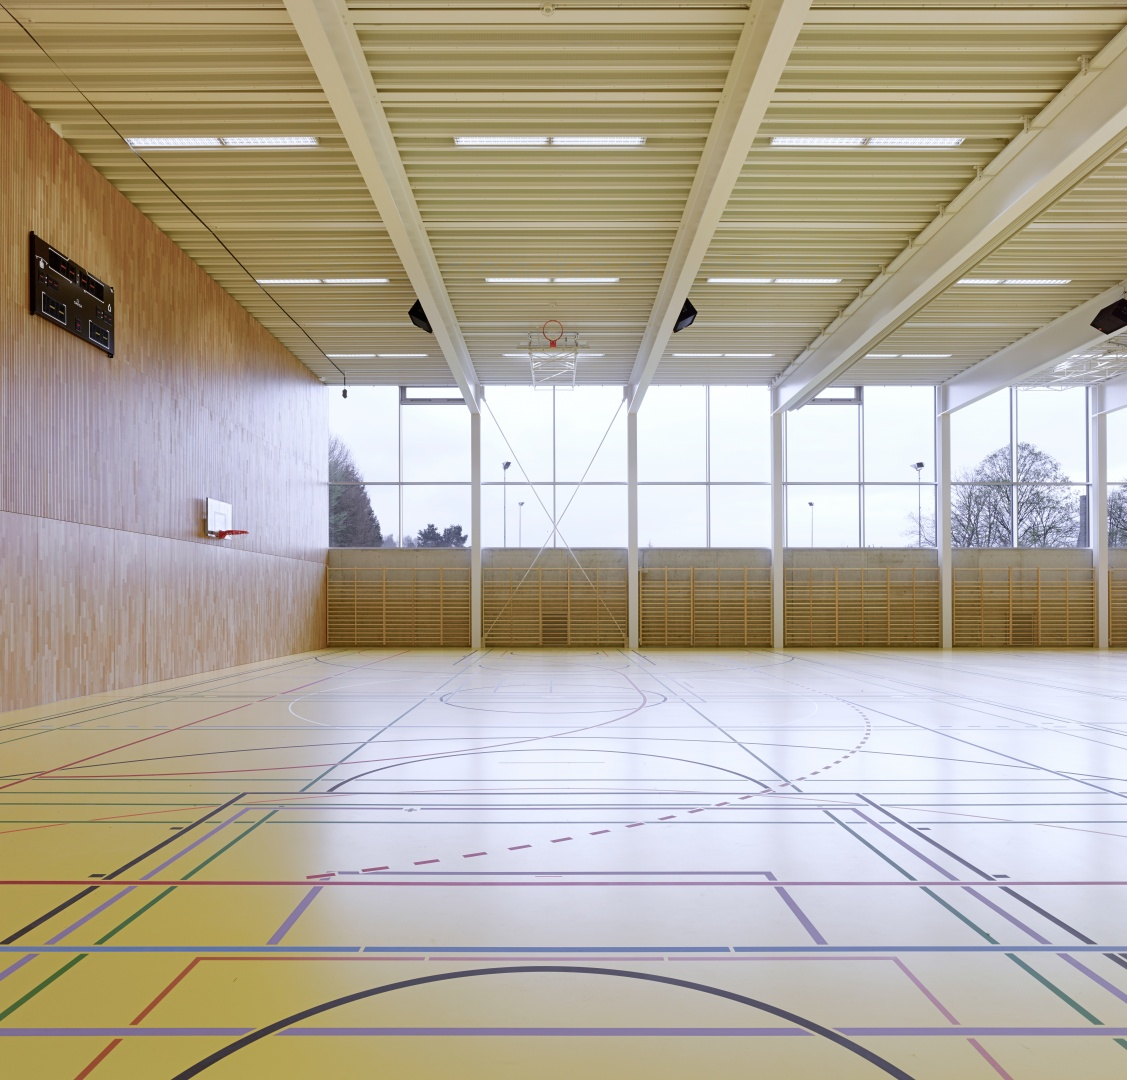 Halle Fussballplatz © Architekturfotografie Gempeler Alexander Gempeler Fotograf SBF|SWB Seidenweg 8a Postfach 524 CH-3000 Bern 9